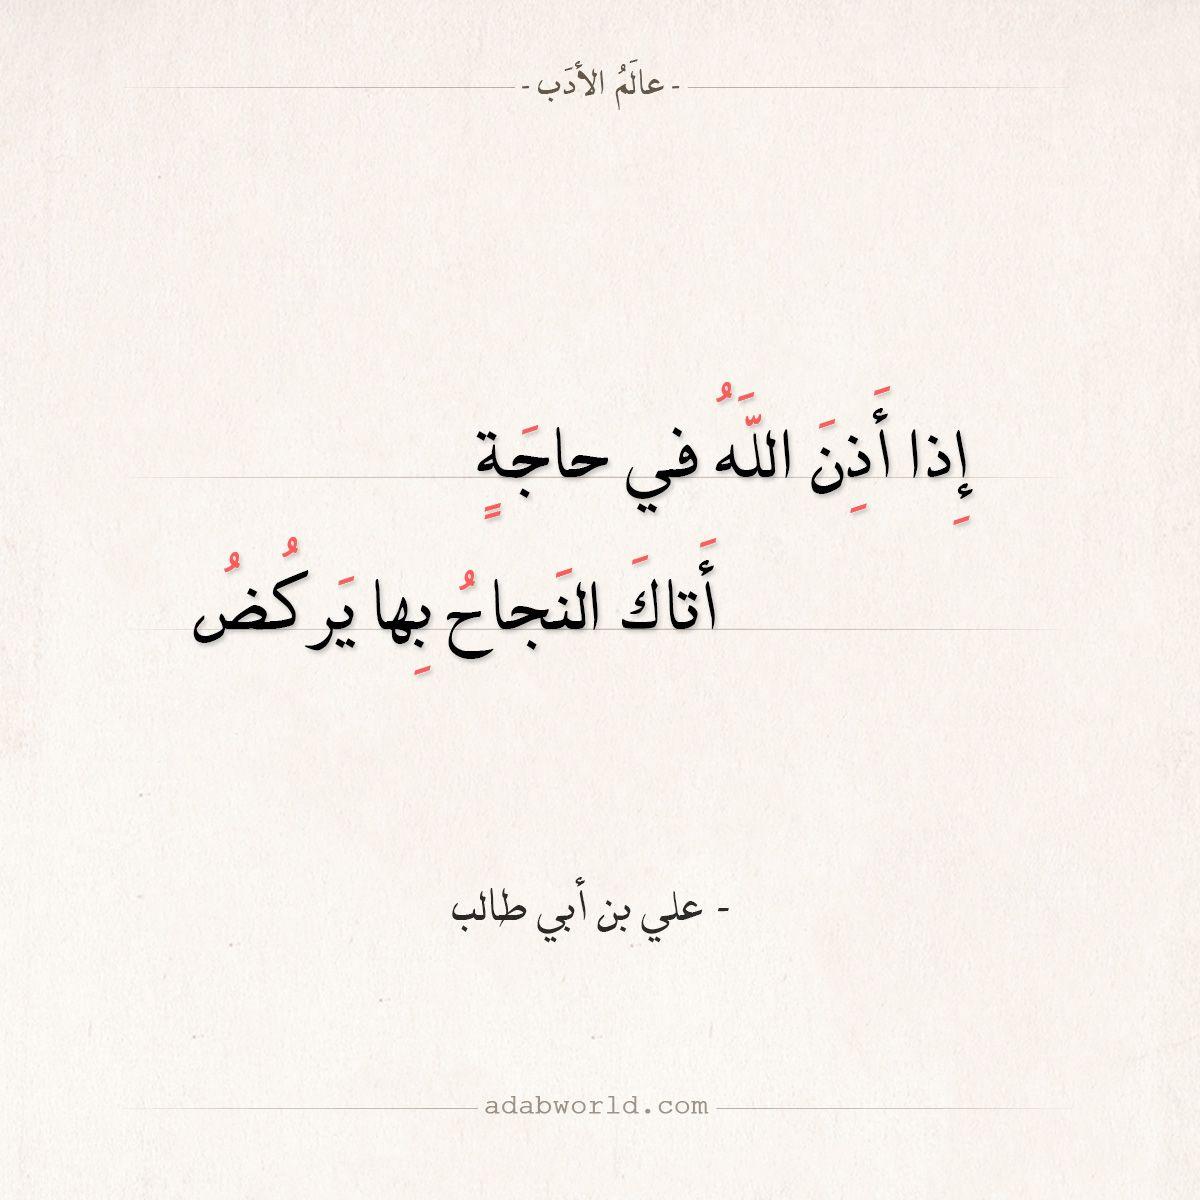 شعر علي بن أبي طالب إذا أذن الله في حاجة عالم الأدب Islamic Phrases Quotes Deep Words